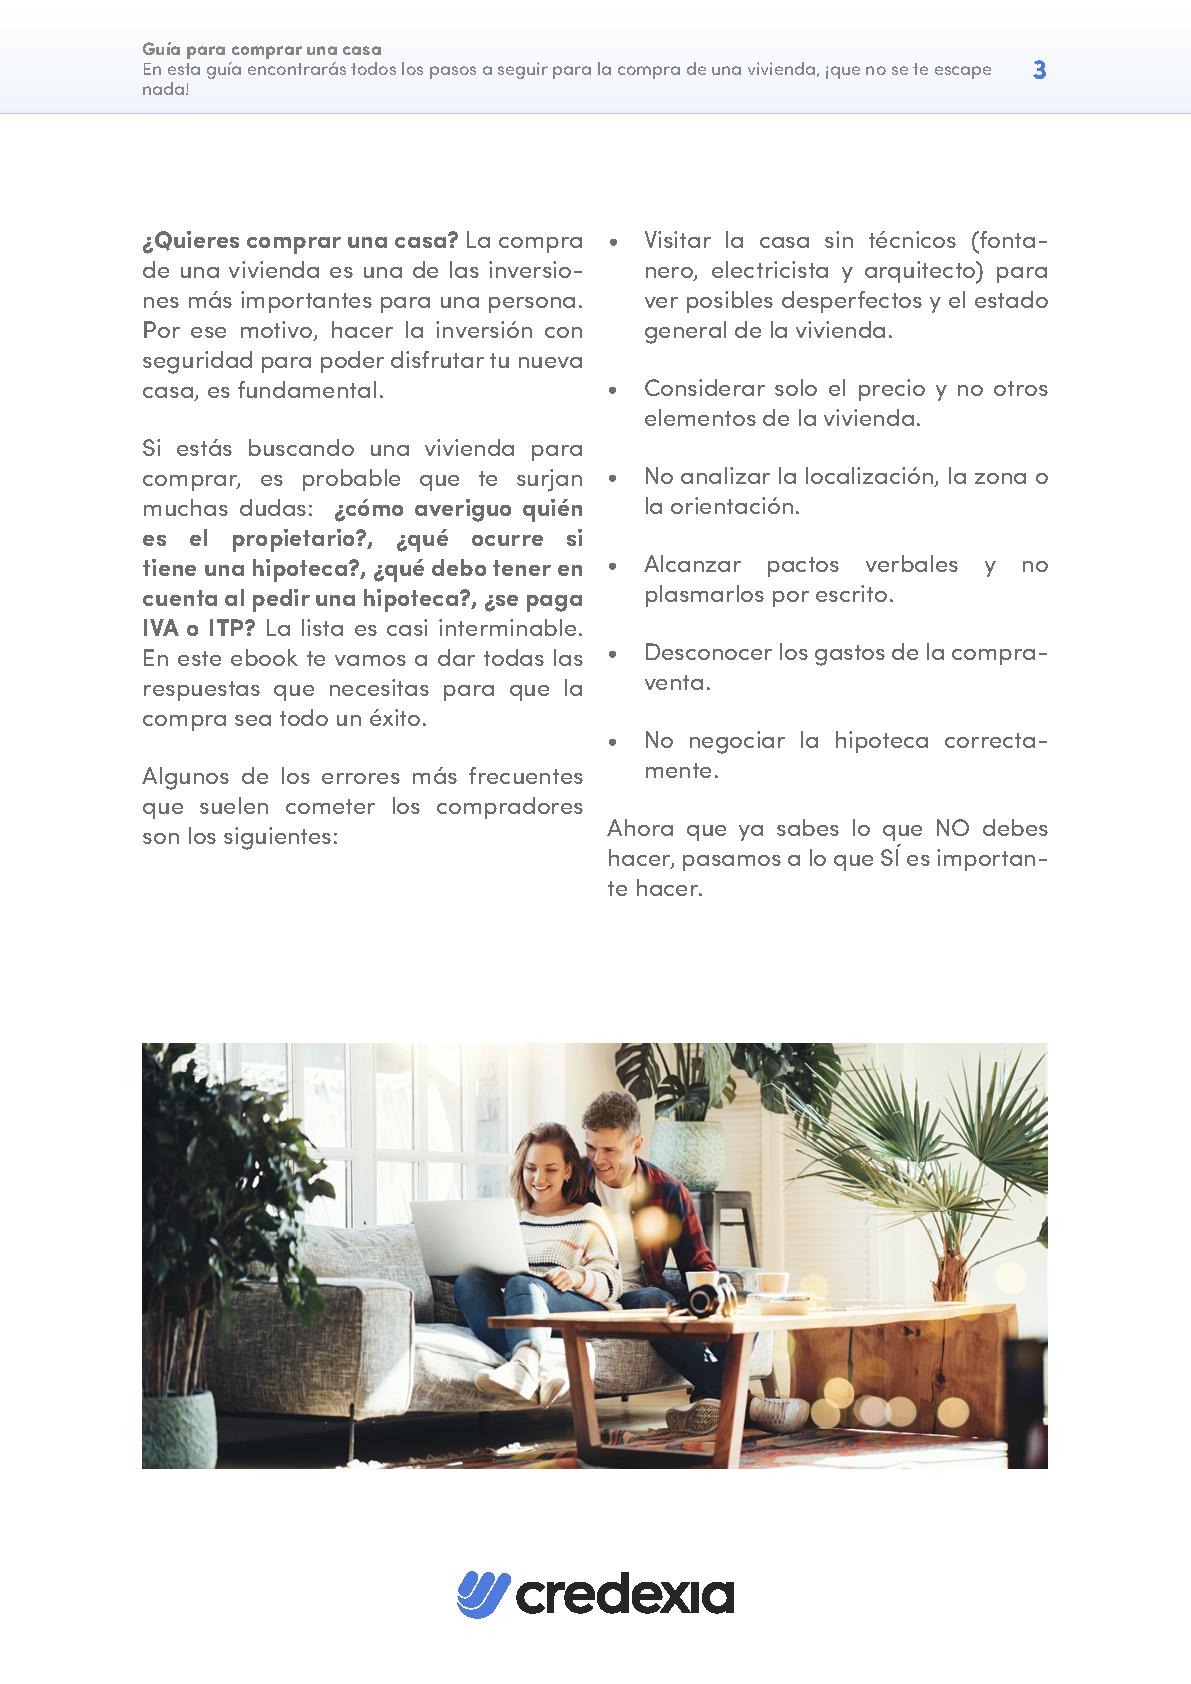 CRE - Guía para comprar una casa - eBook - FOSC_Página_03